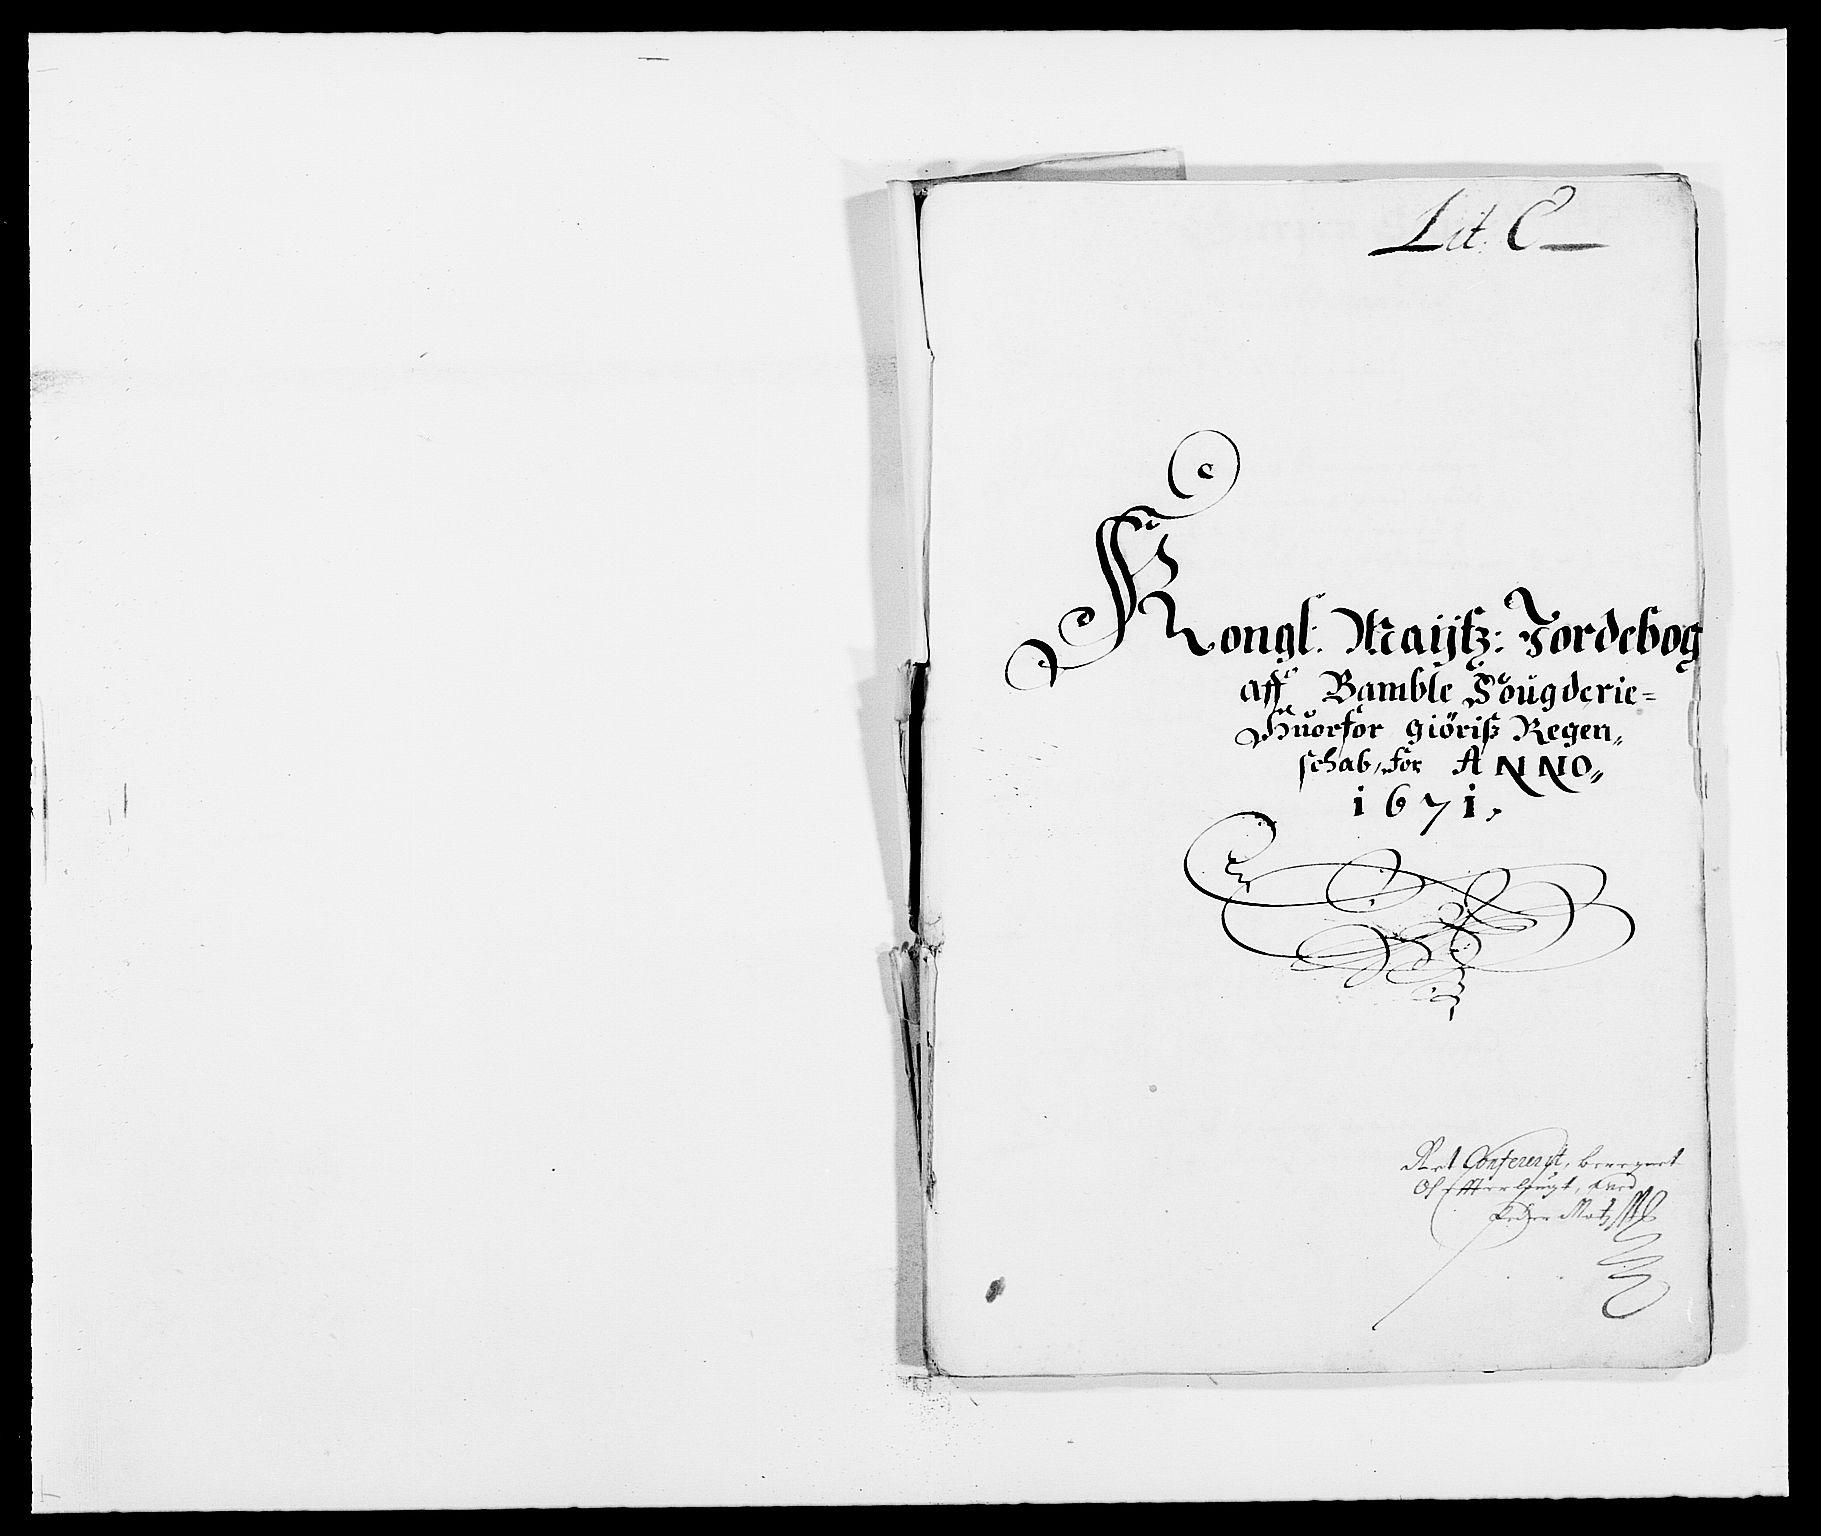 RA, Rentekammeret inntil 1814, Reviderte regnskaper, Fogderegnskap, R34/L2041: Fogderegnskap Bamble, 1670-1672, s. 193